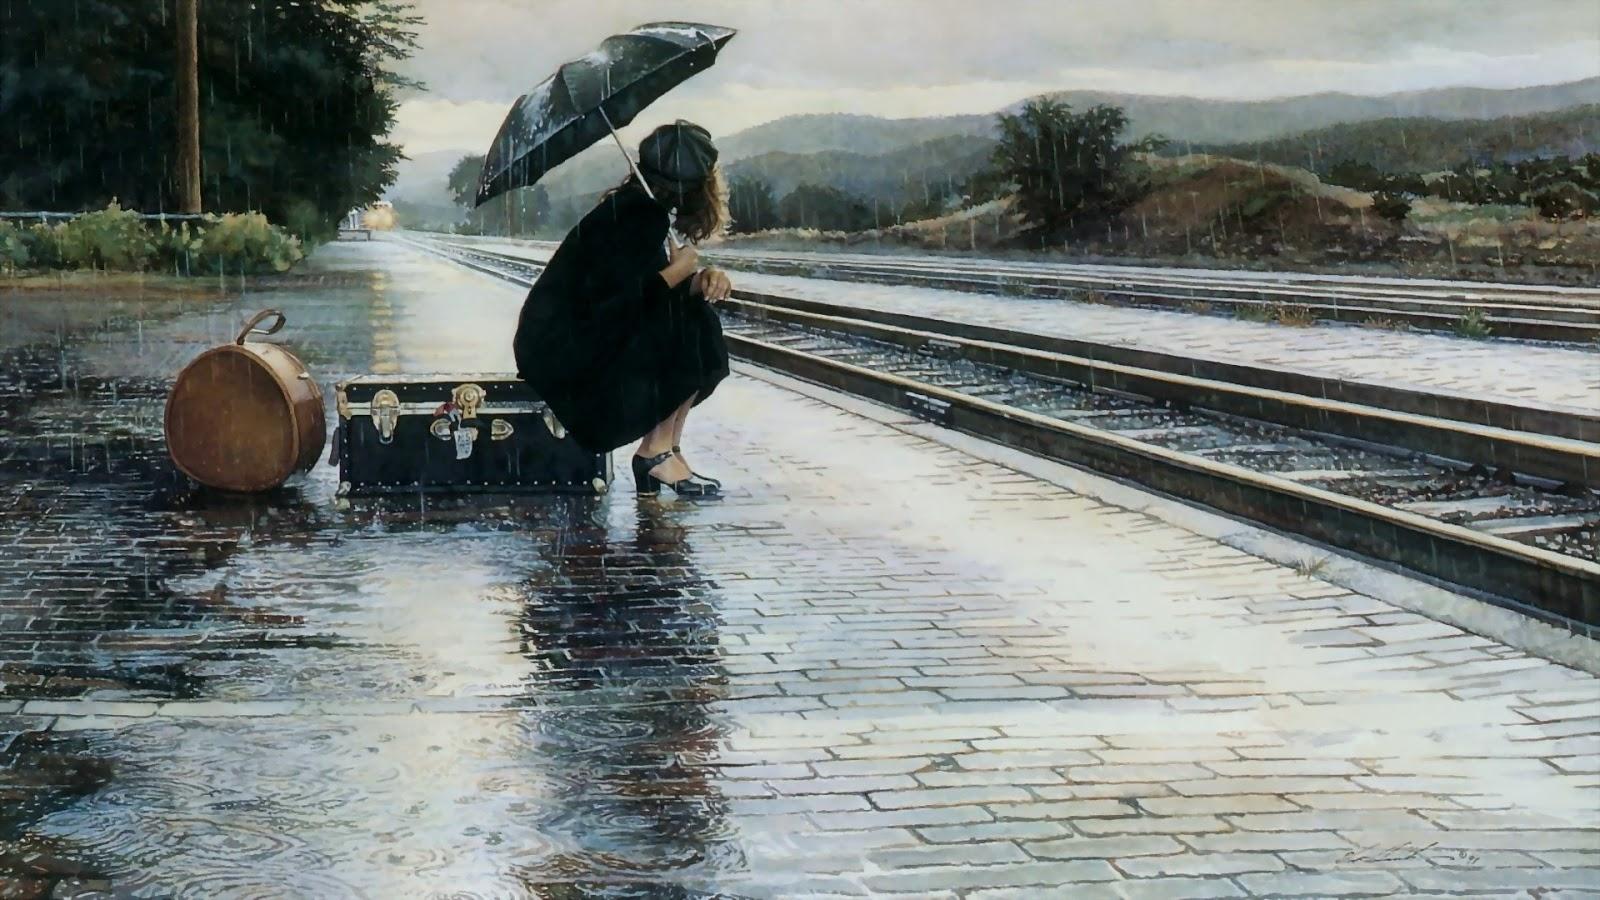 5 Momen romantis cuma ada di musim hujan, kamu pernah mengalami?